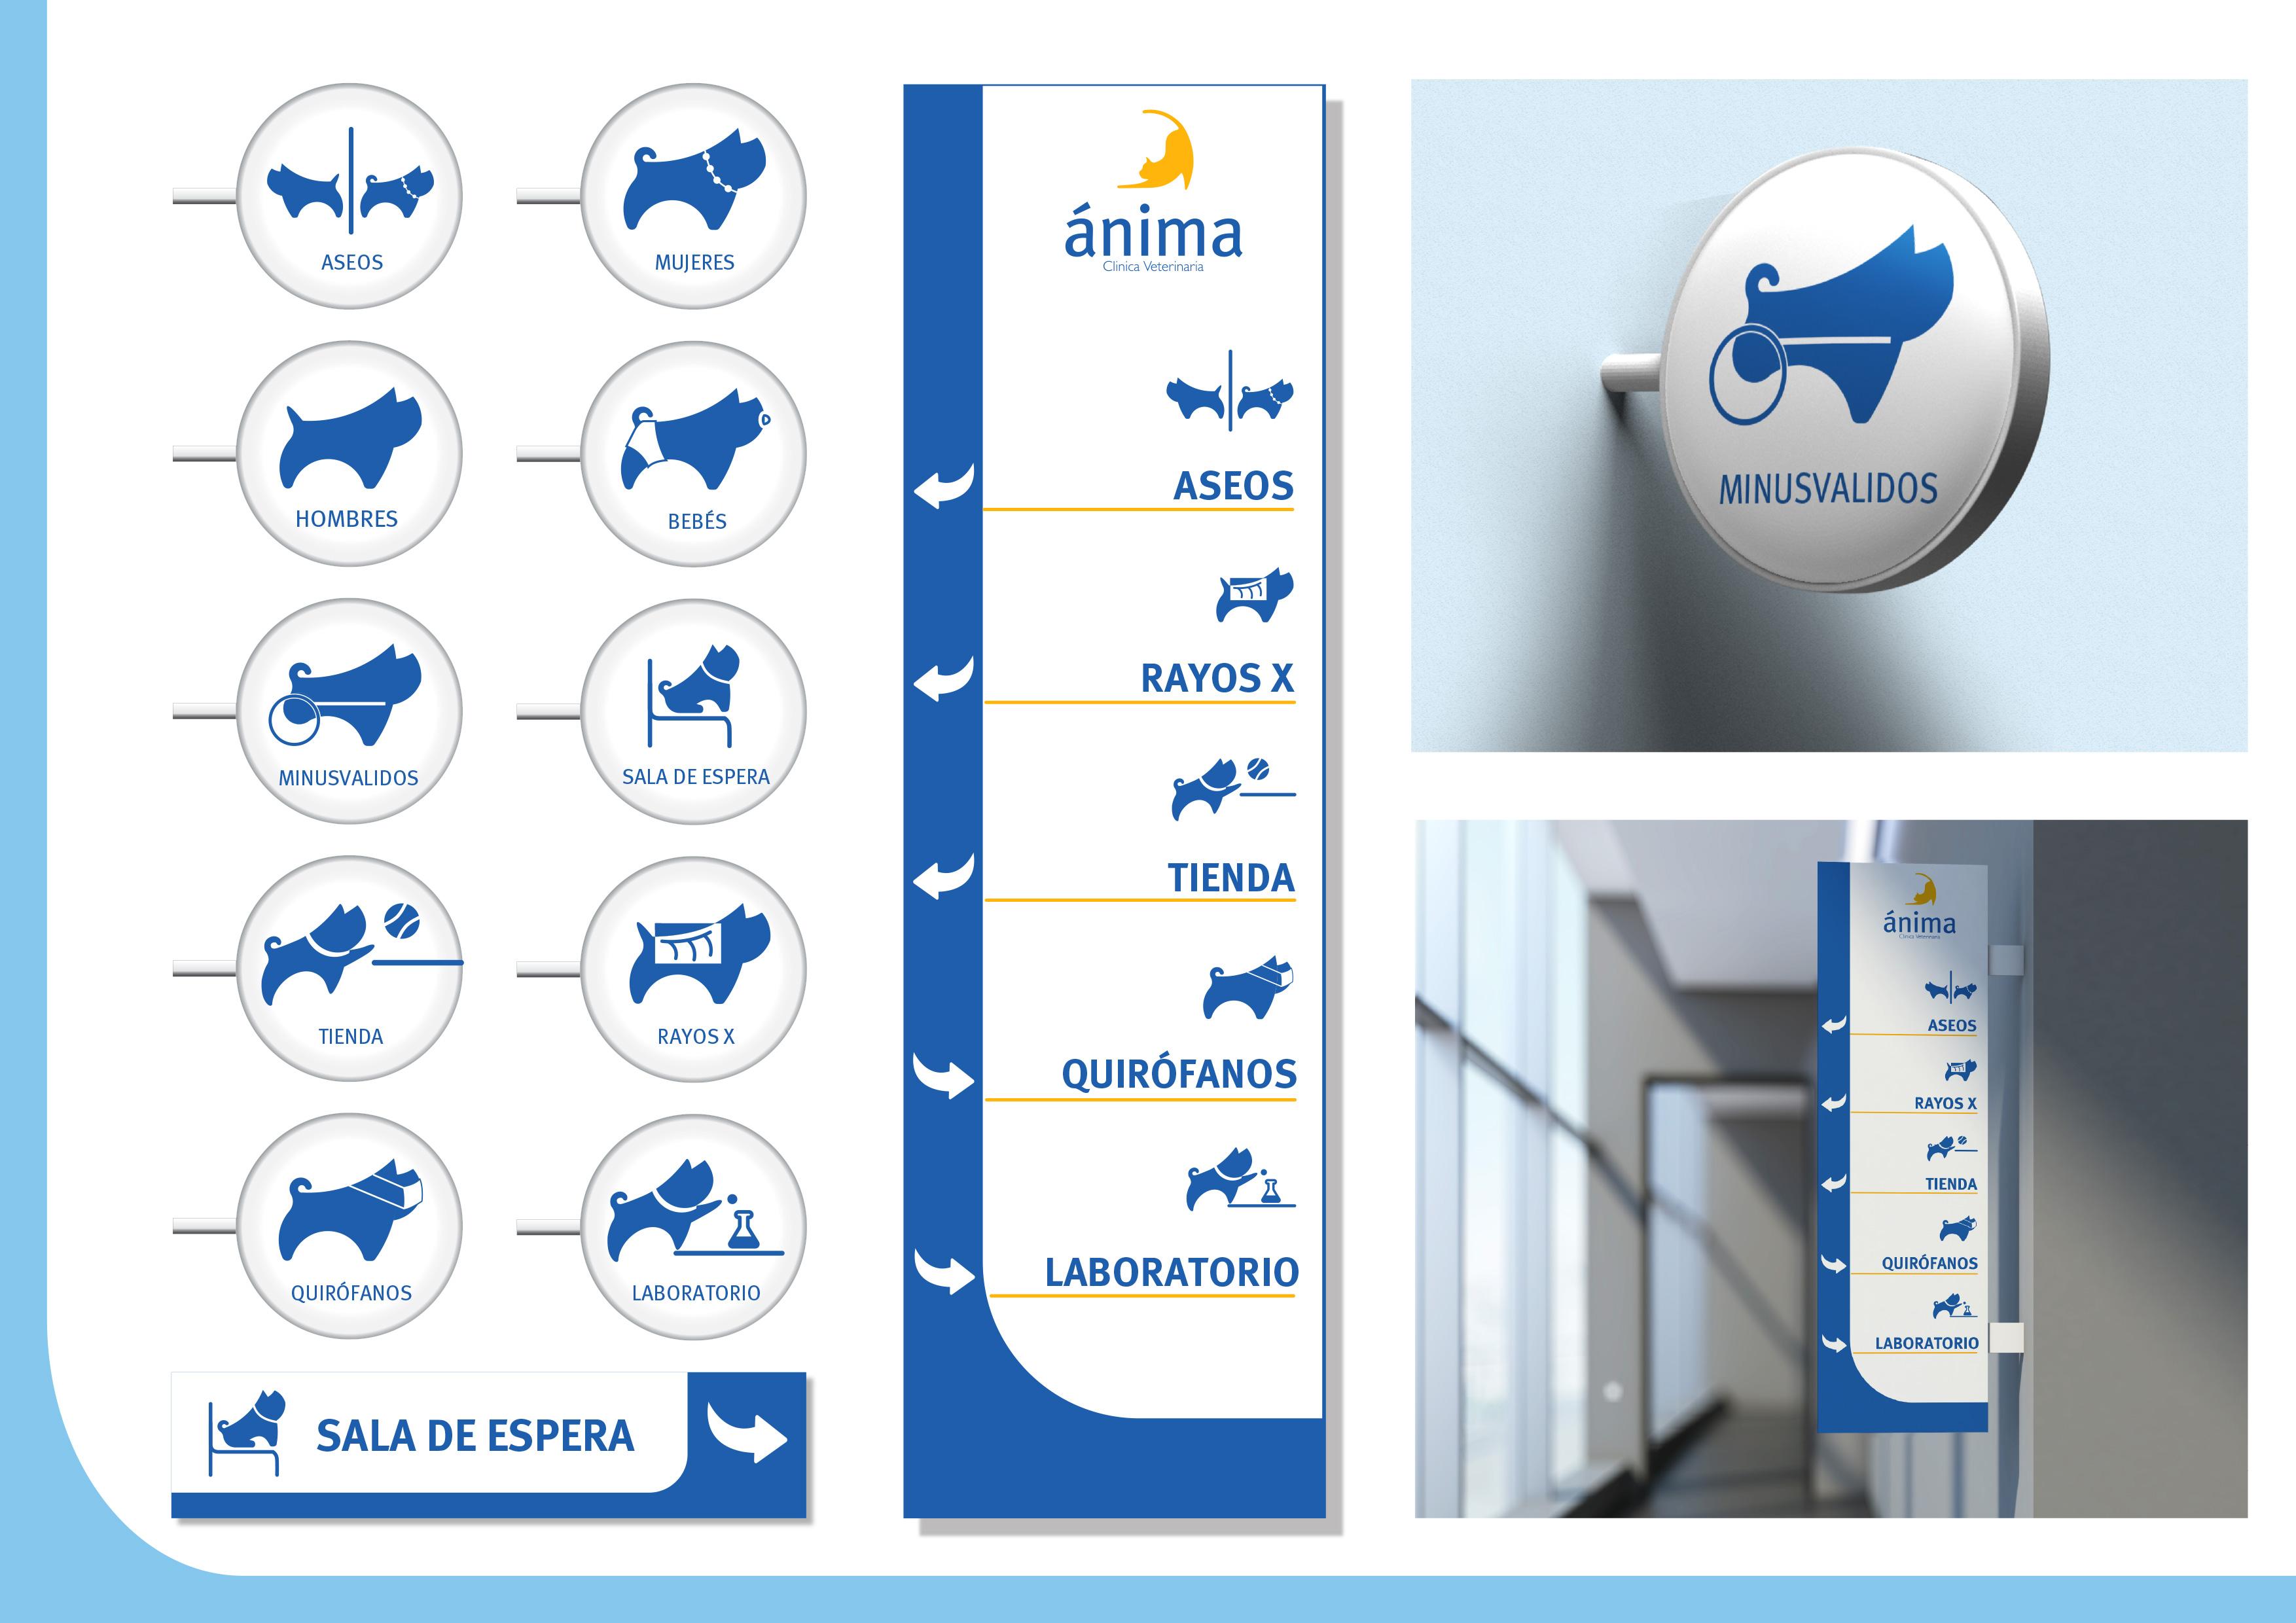 Manual Identidad Corporative - Anima Clinica Veterinaria by Pierré Swanepoel - Creative Work - $i